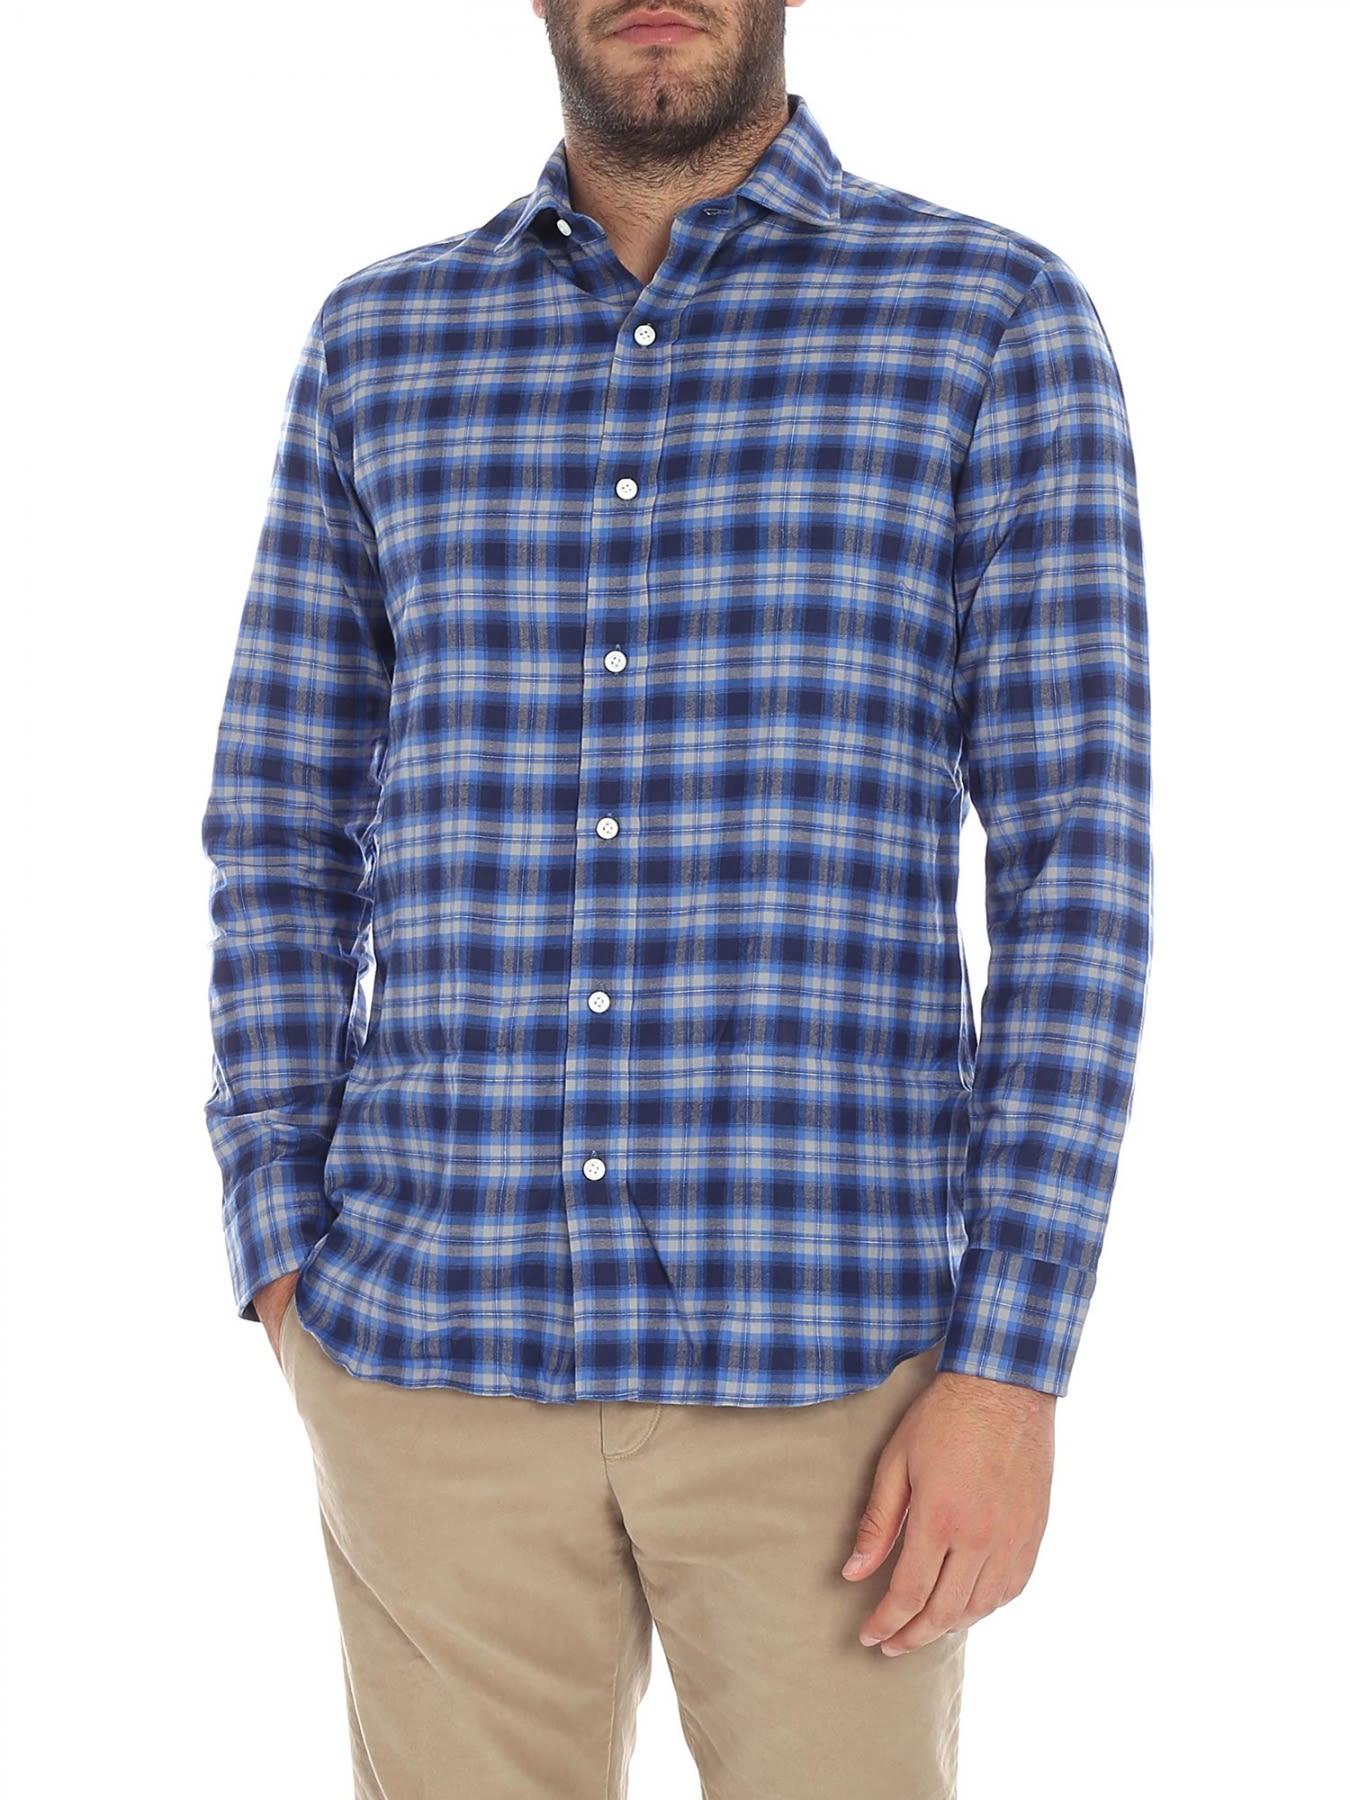 SALVATORE PICCOLO Shirt Flannel in Light Blue